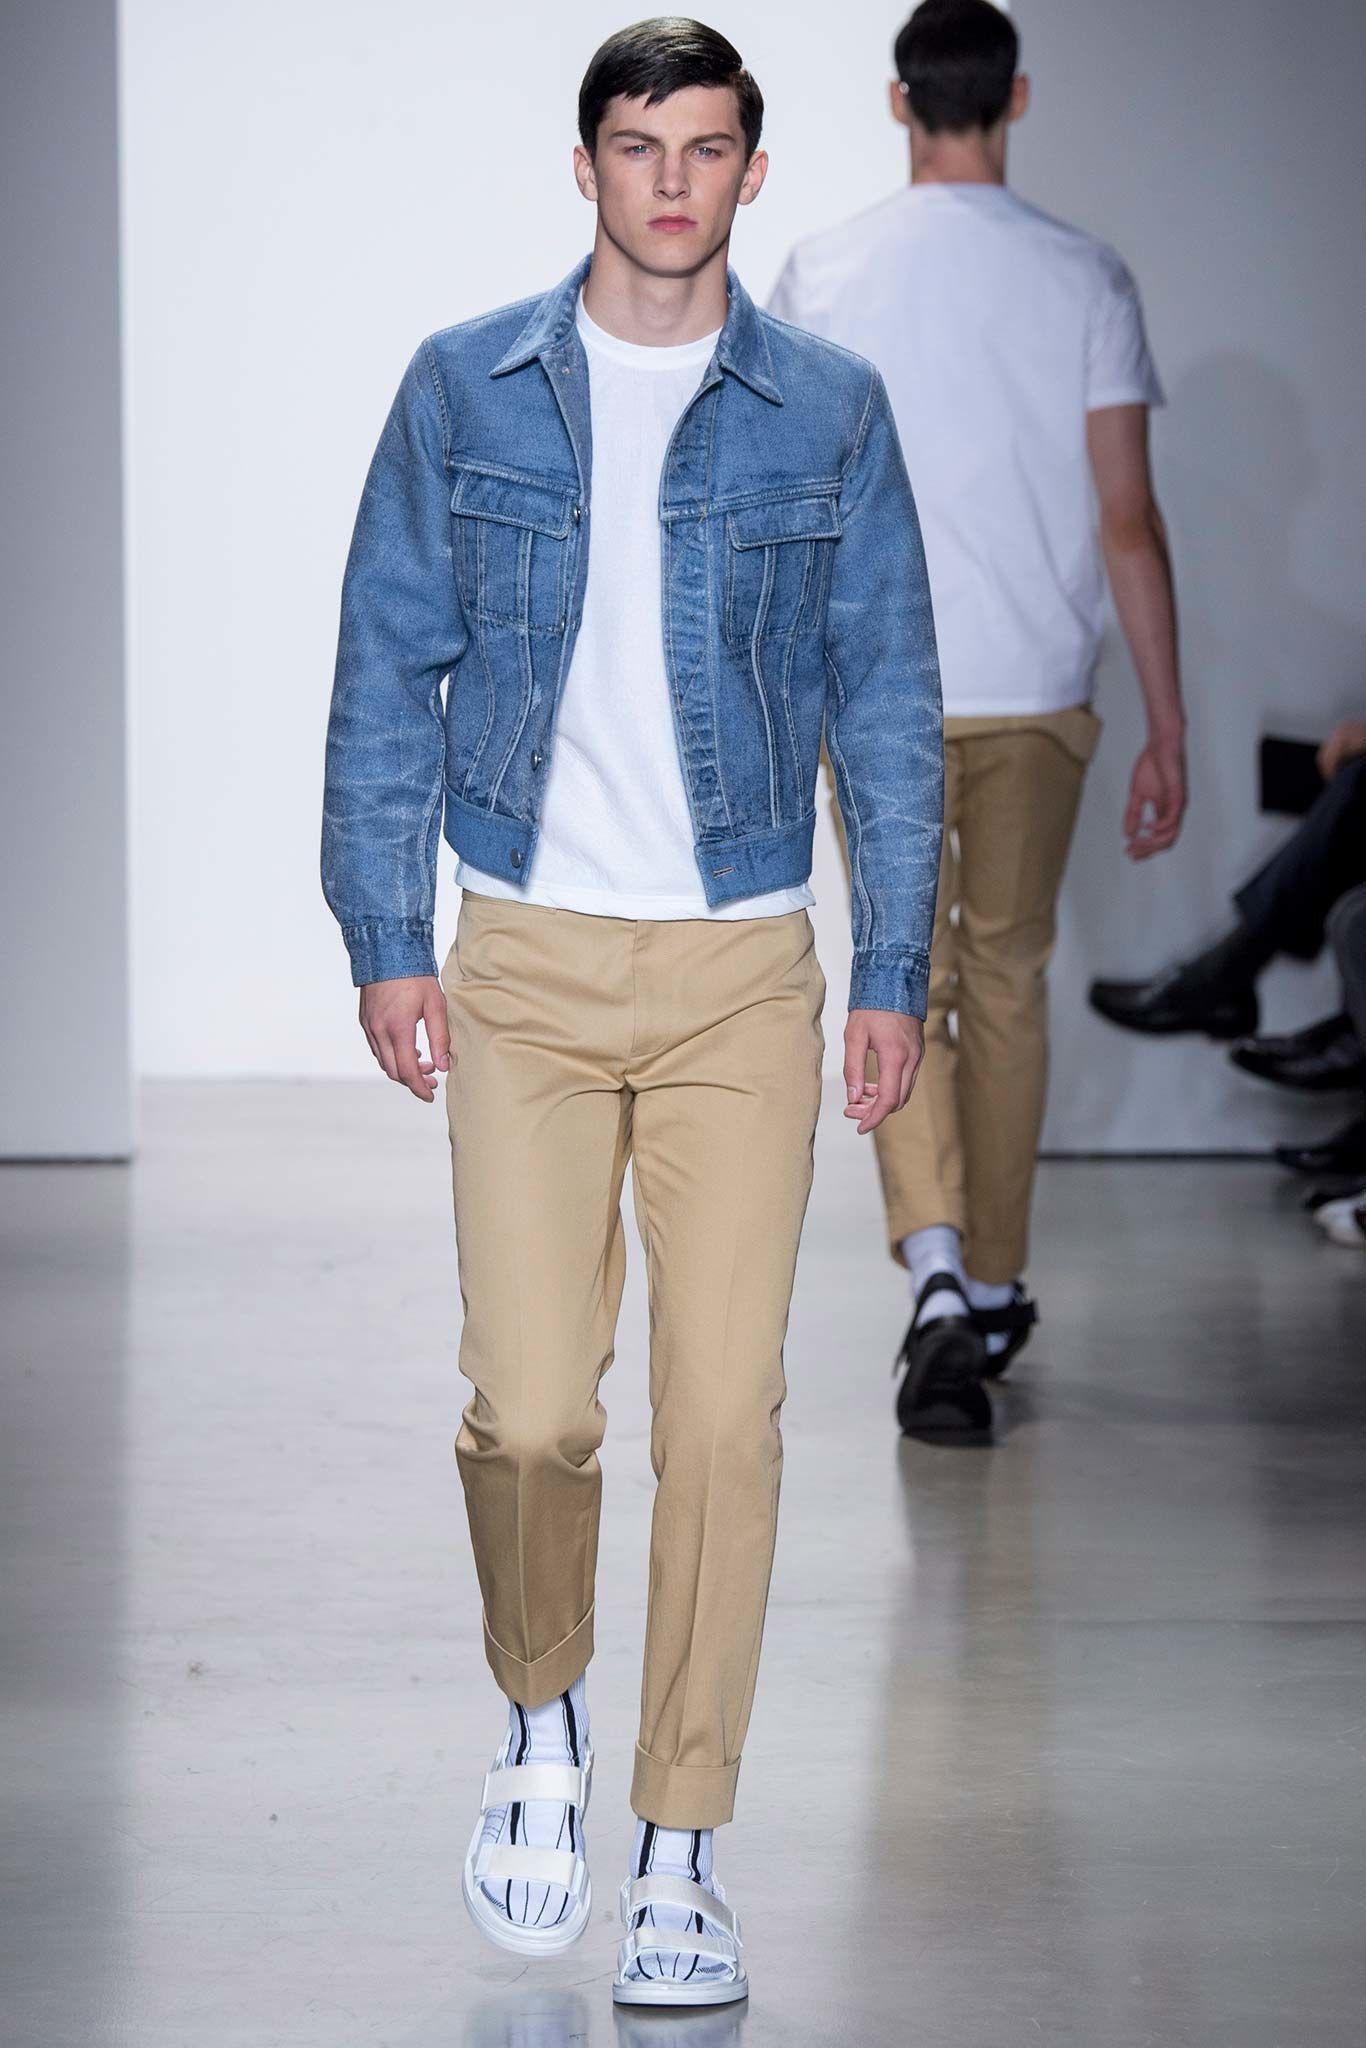 08459ef667 Calvin Klein Collection Spring 2016 Menswear Fashion Show - Ben Jordan